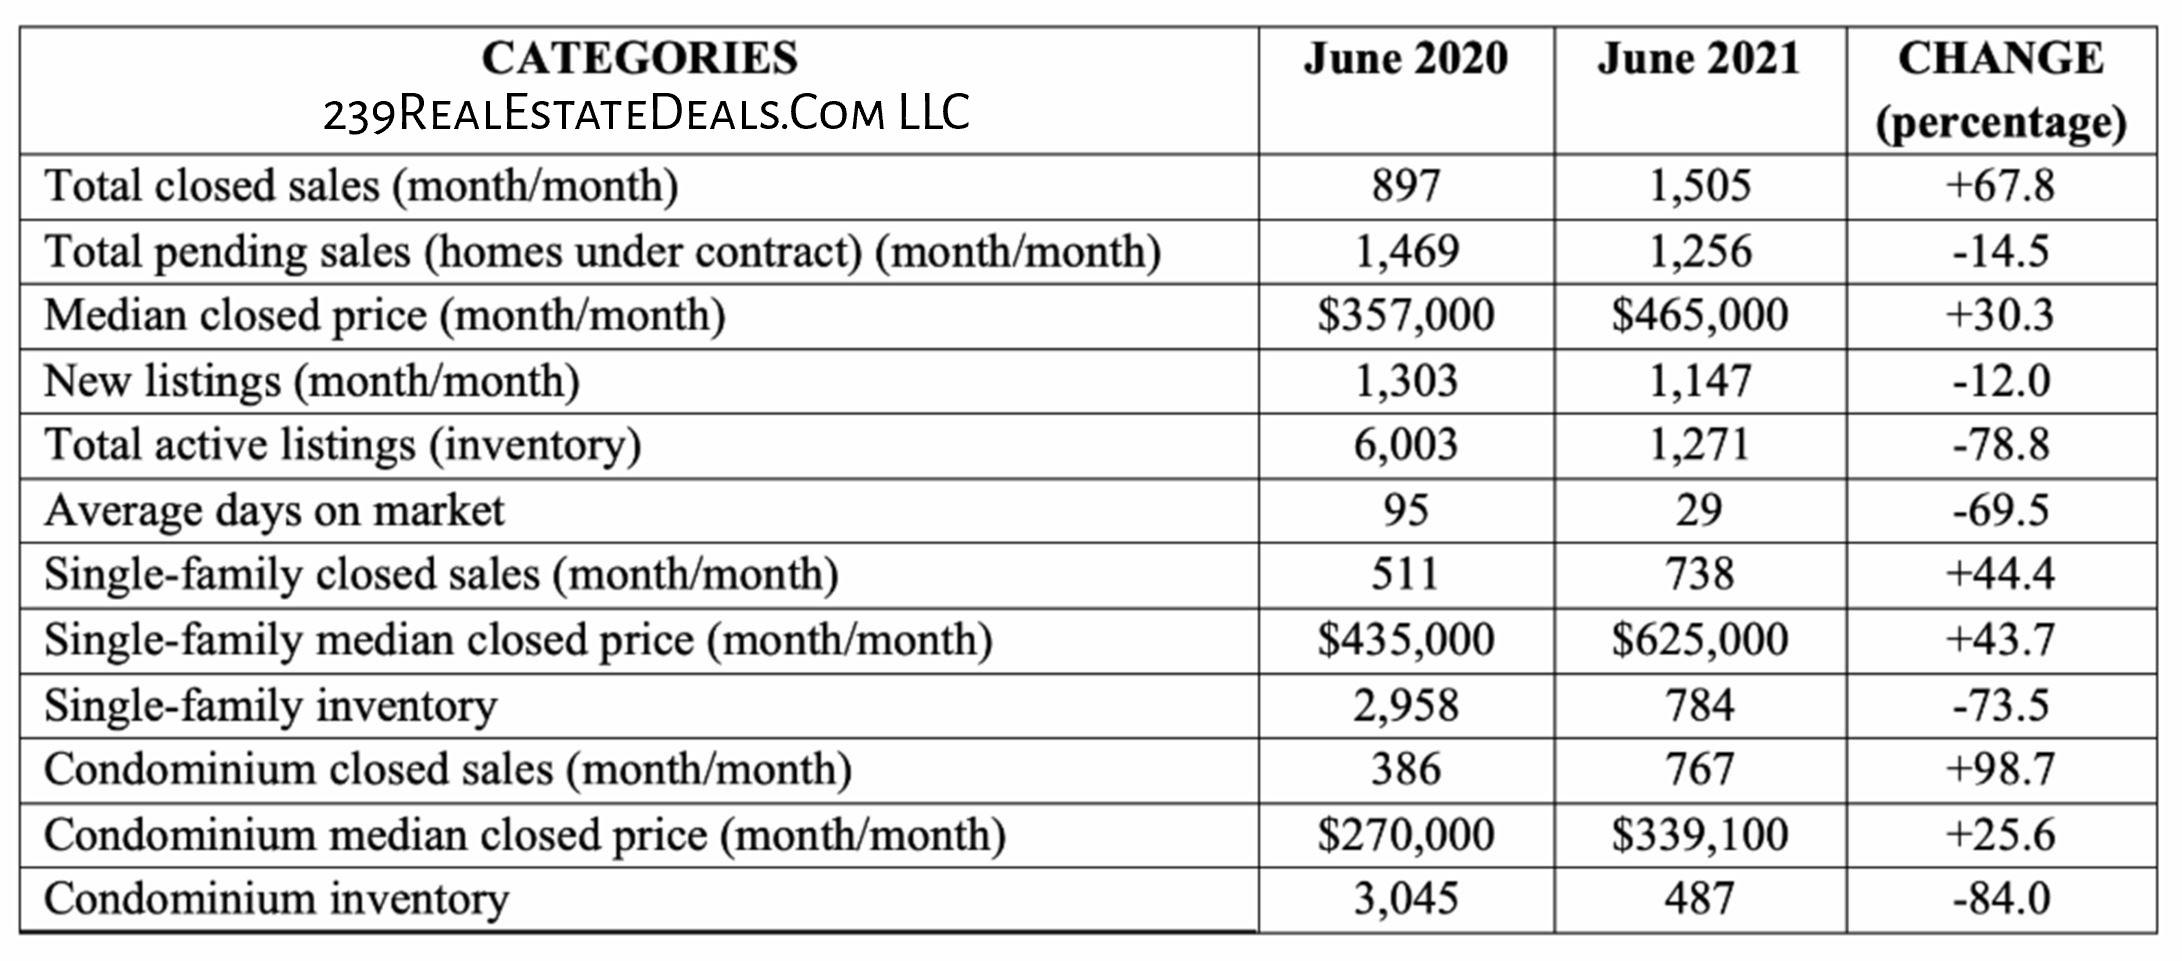 Naples Area Market Report - July 2021 infographic break down June 2021 versus June 2020 Barry Hoey - Hoey Team 239RealEstateDeals.Com LLC